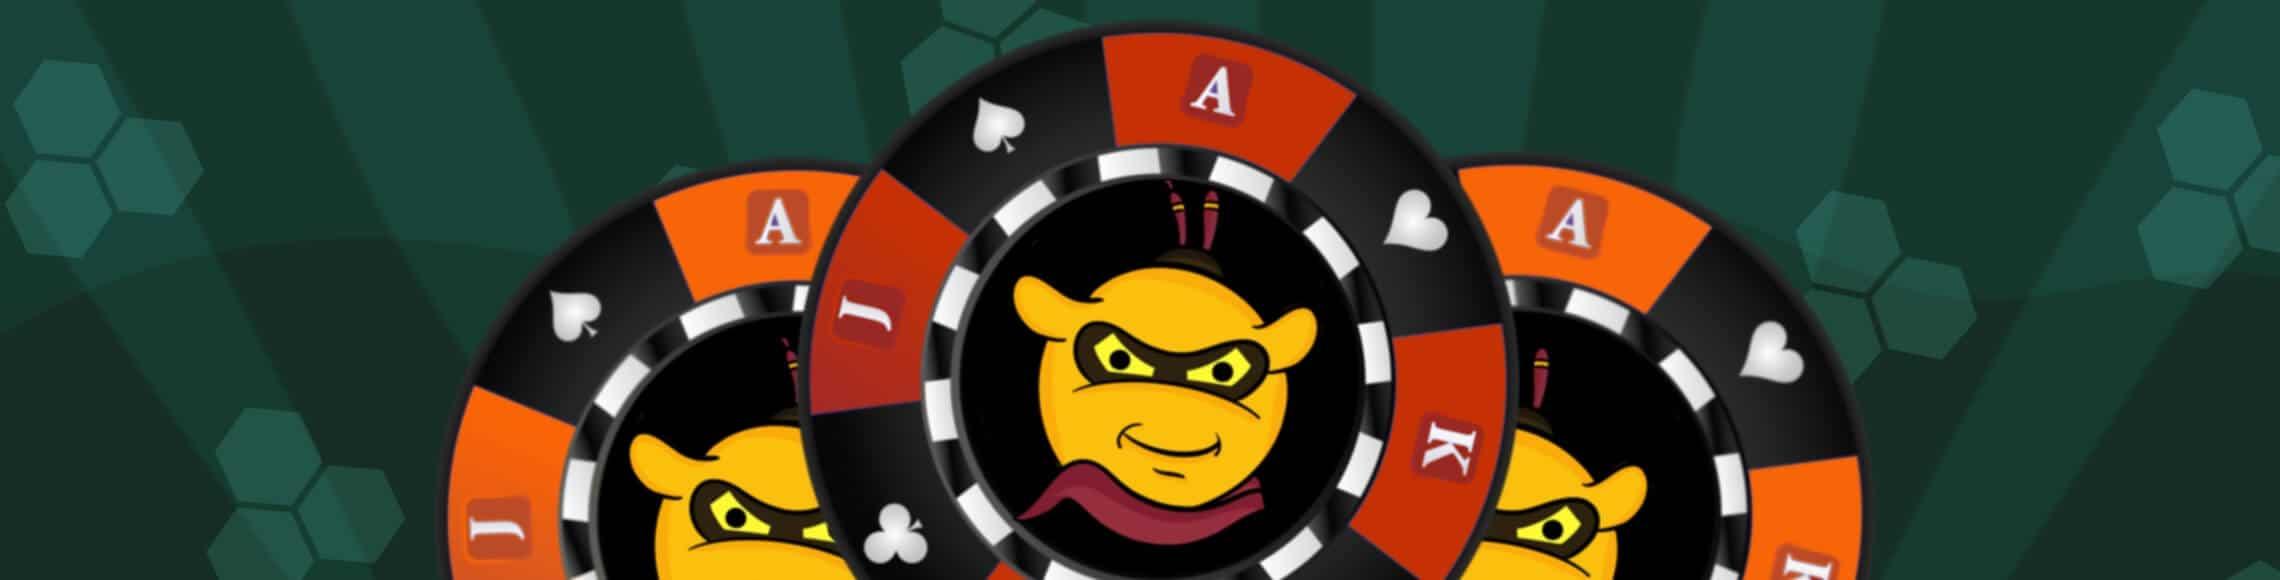 Betrodde og sikre blackjack-sider